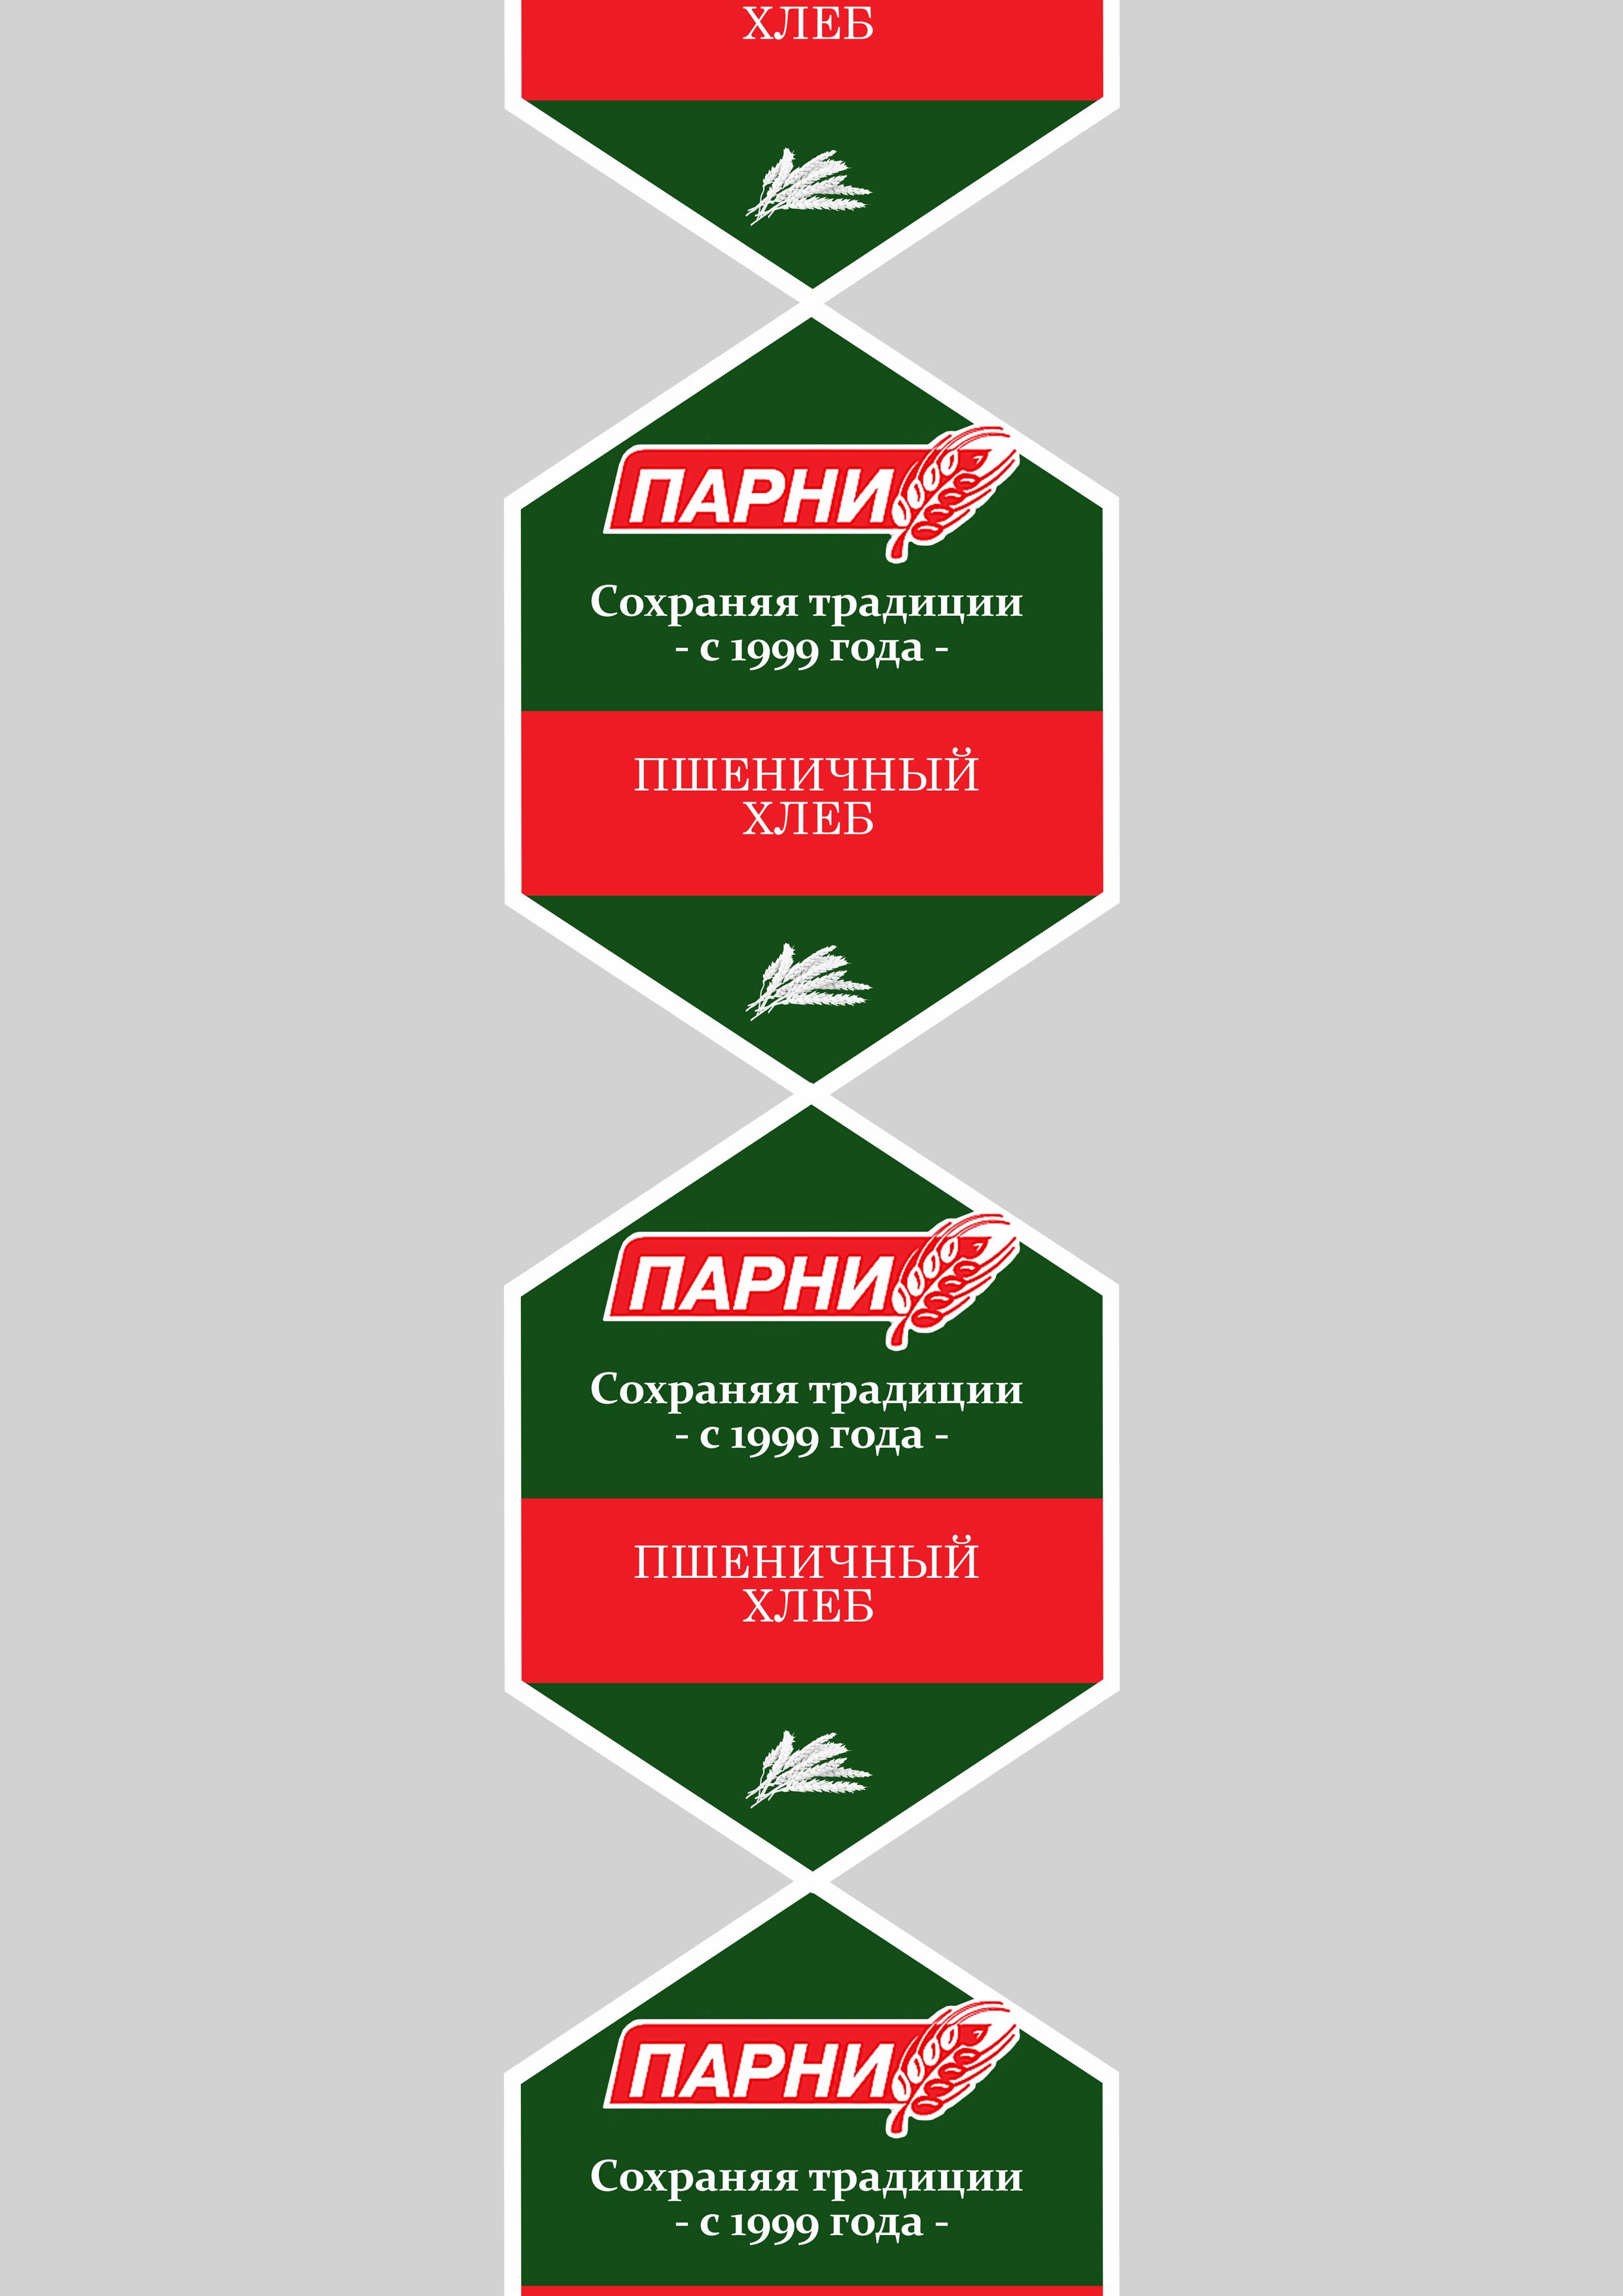 Дизайн упаковки для хлеба и батона фото f_1995d0155939b925.jpg